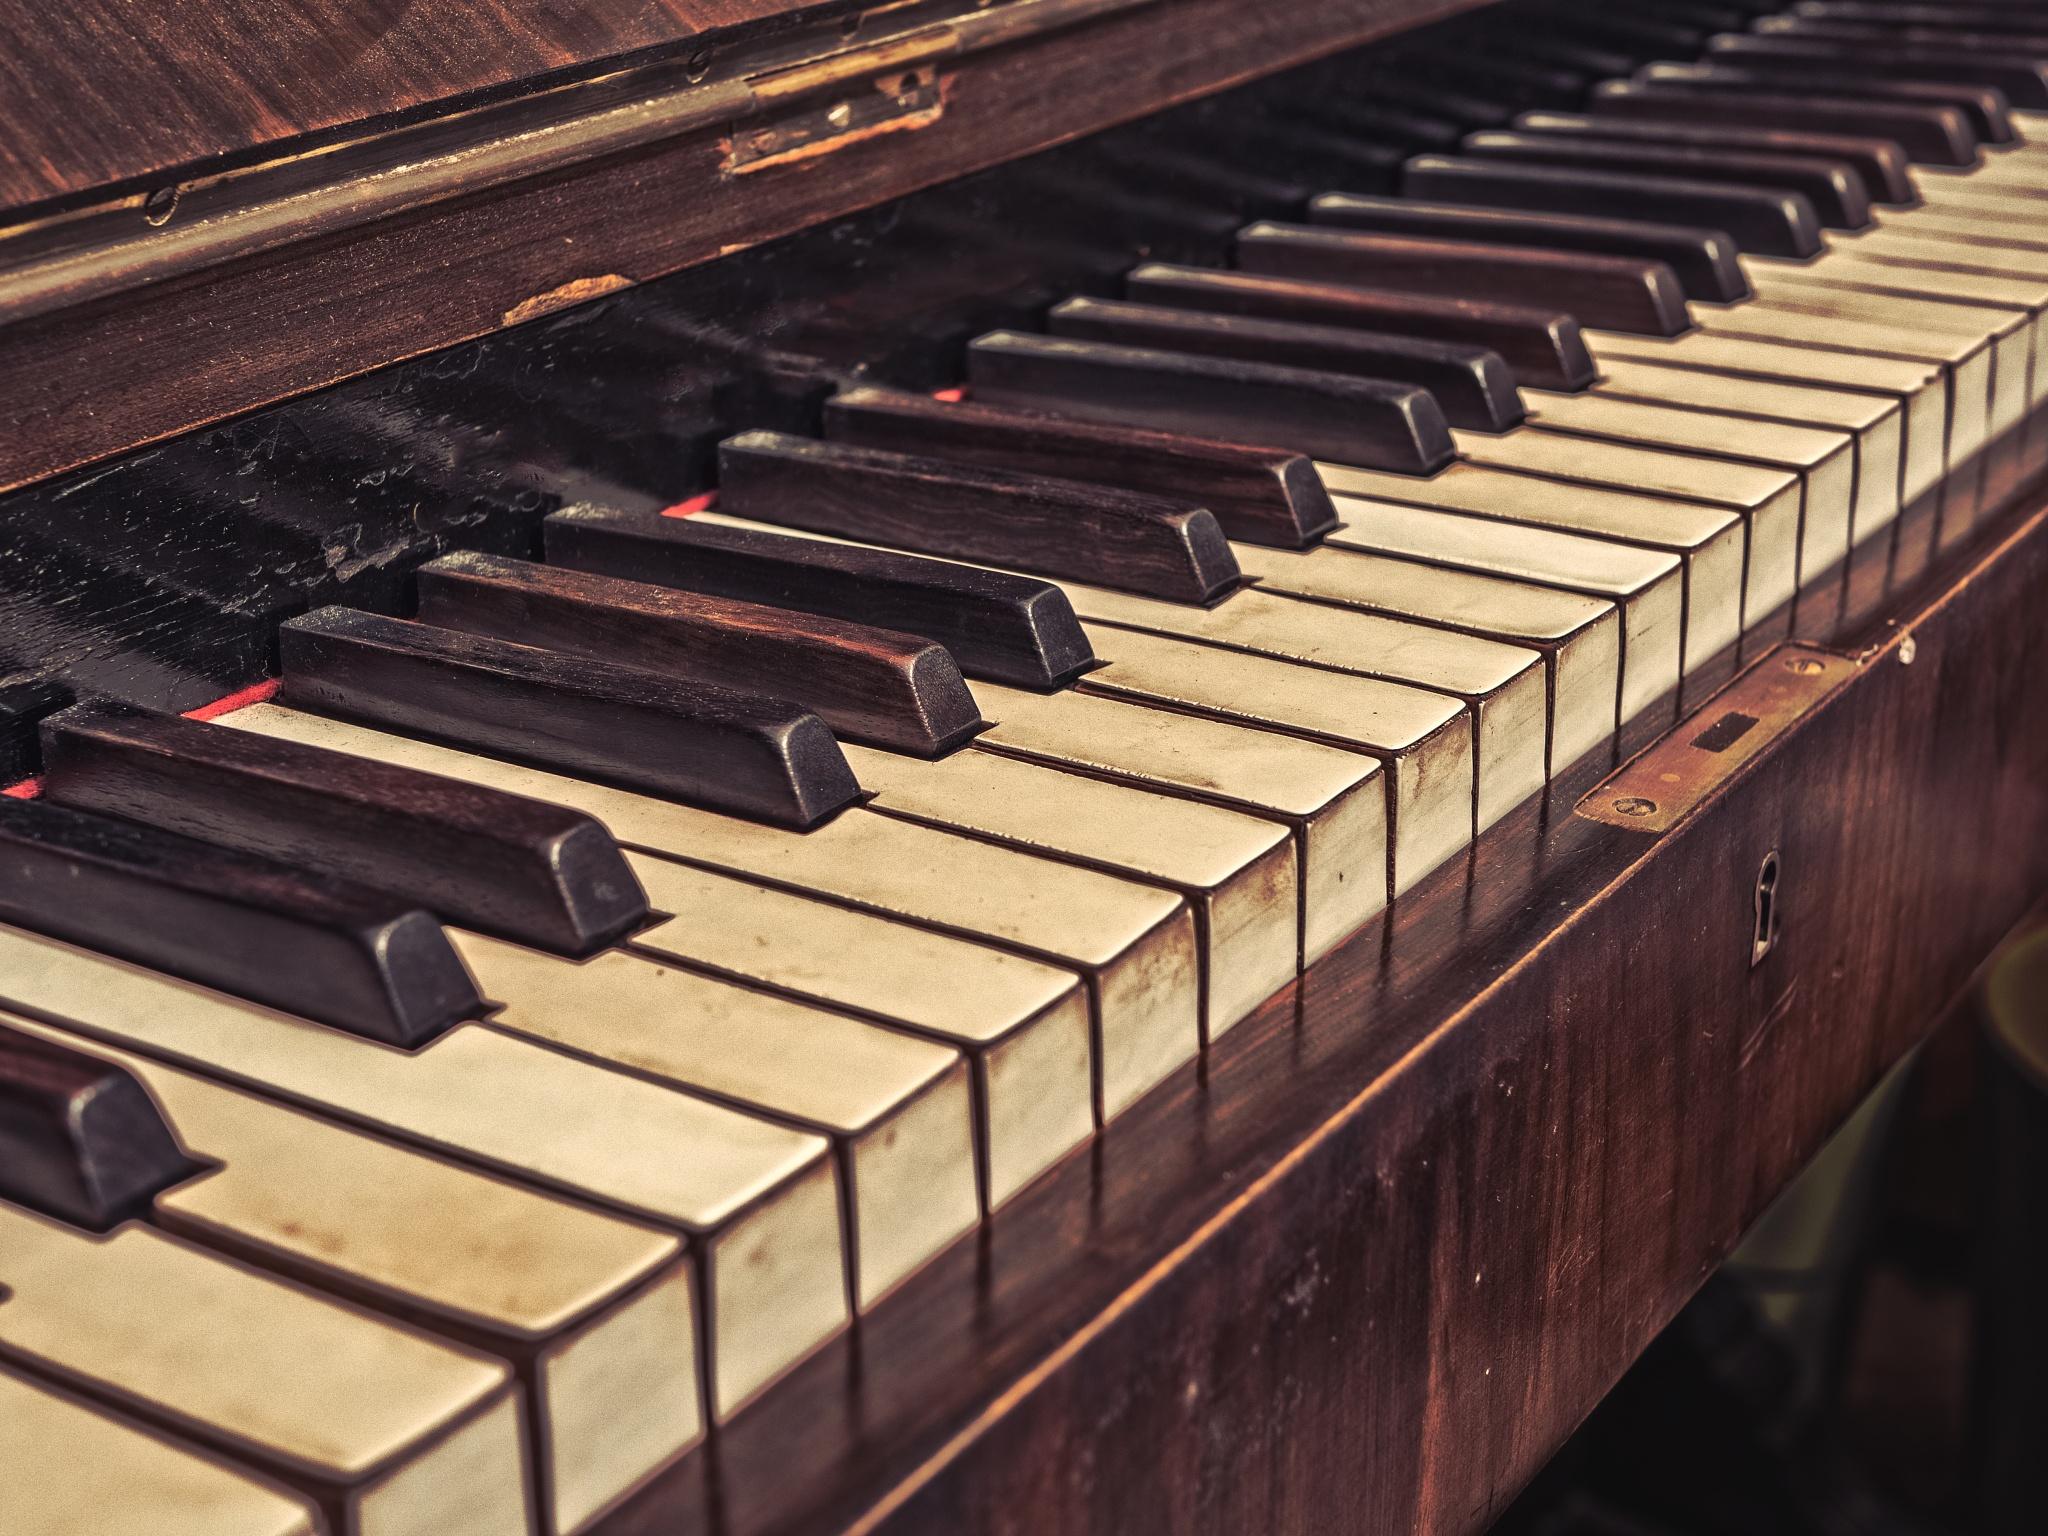 Abandoned Piano  by Joshua Willson